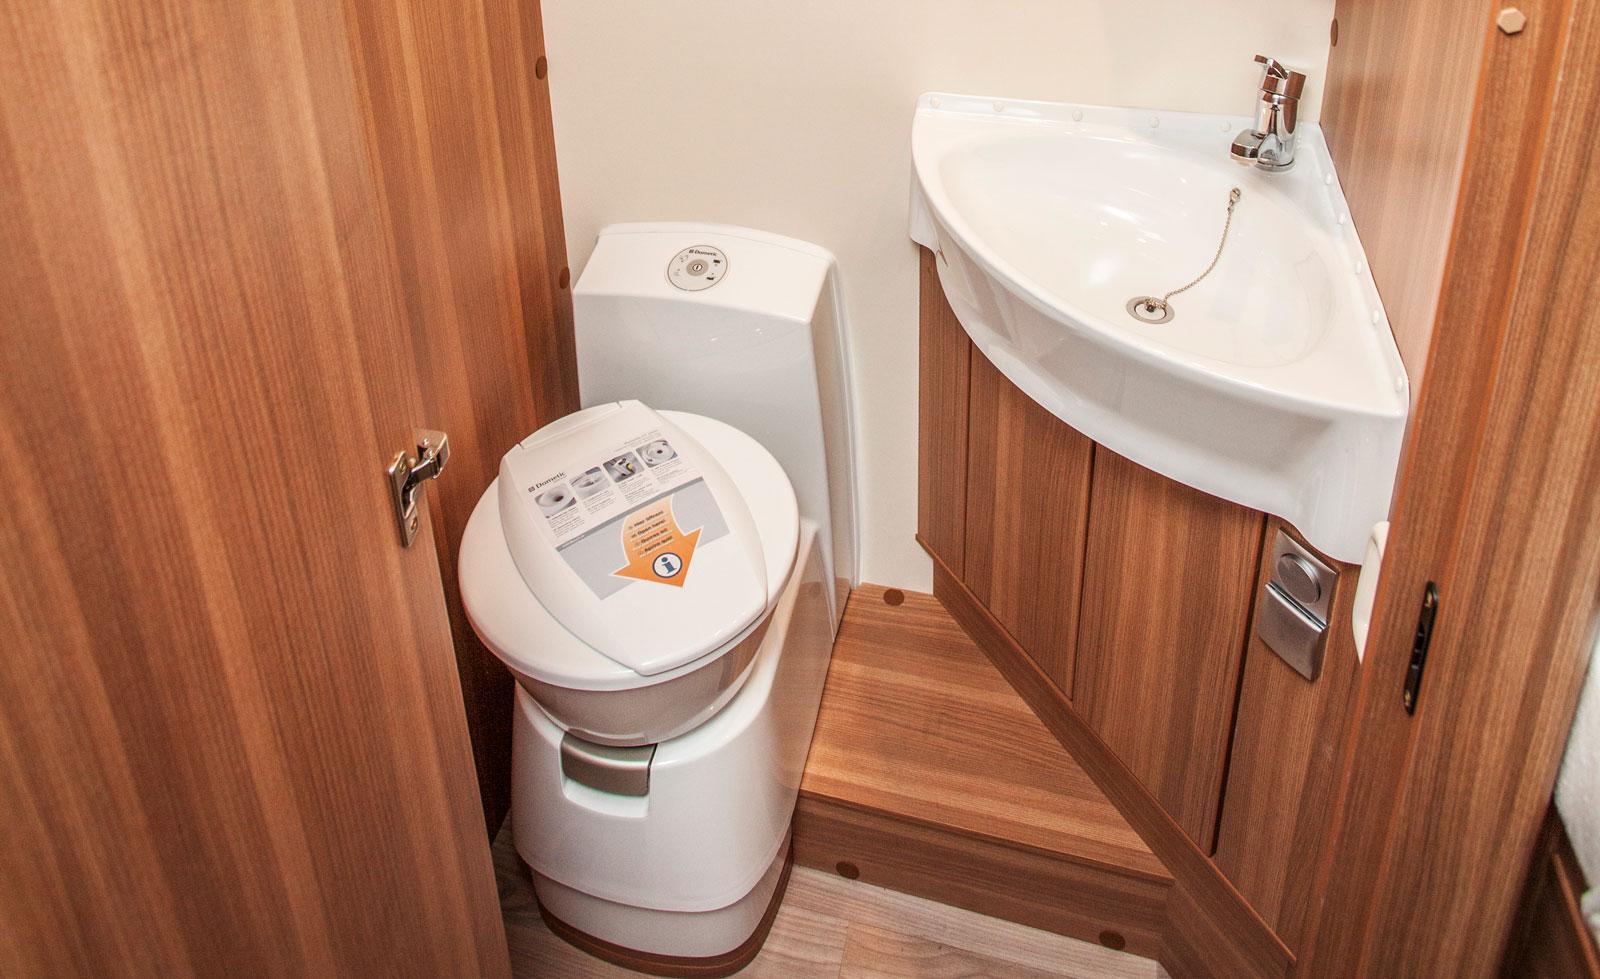 Bad- och duschrum är belägna på varsin sida om mittgången. Hela utrymmet kan skärmas av mot övriga husbilen via dörr och draperi.